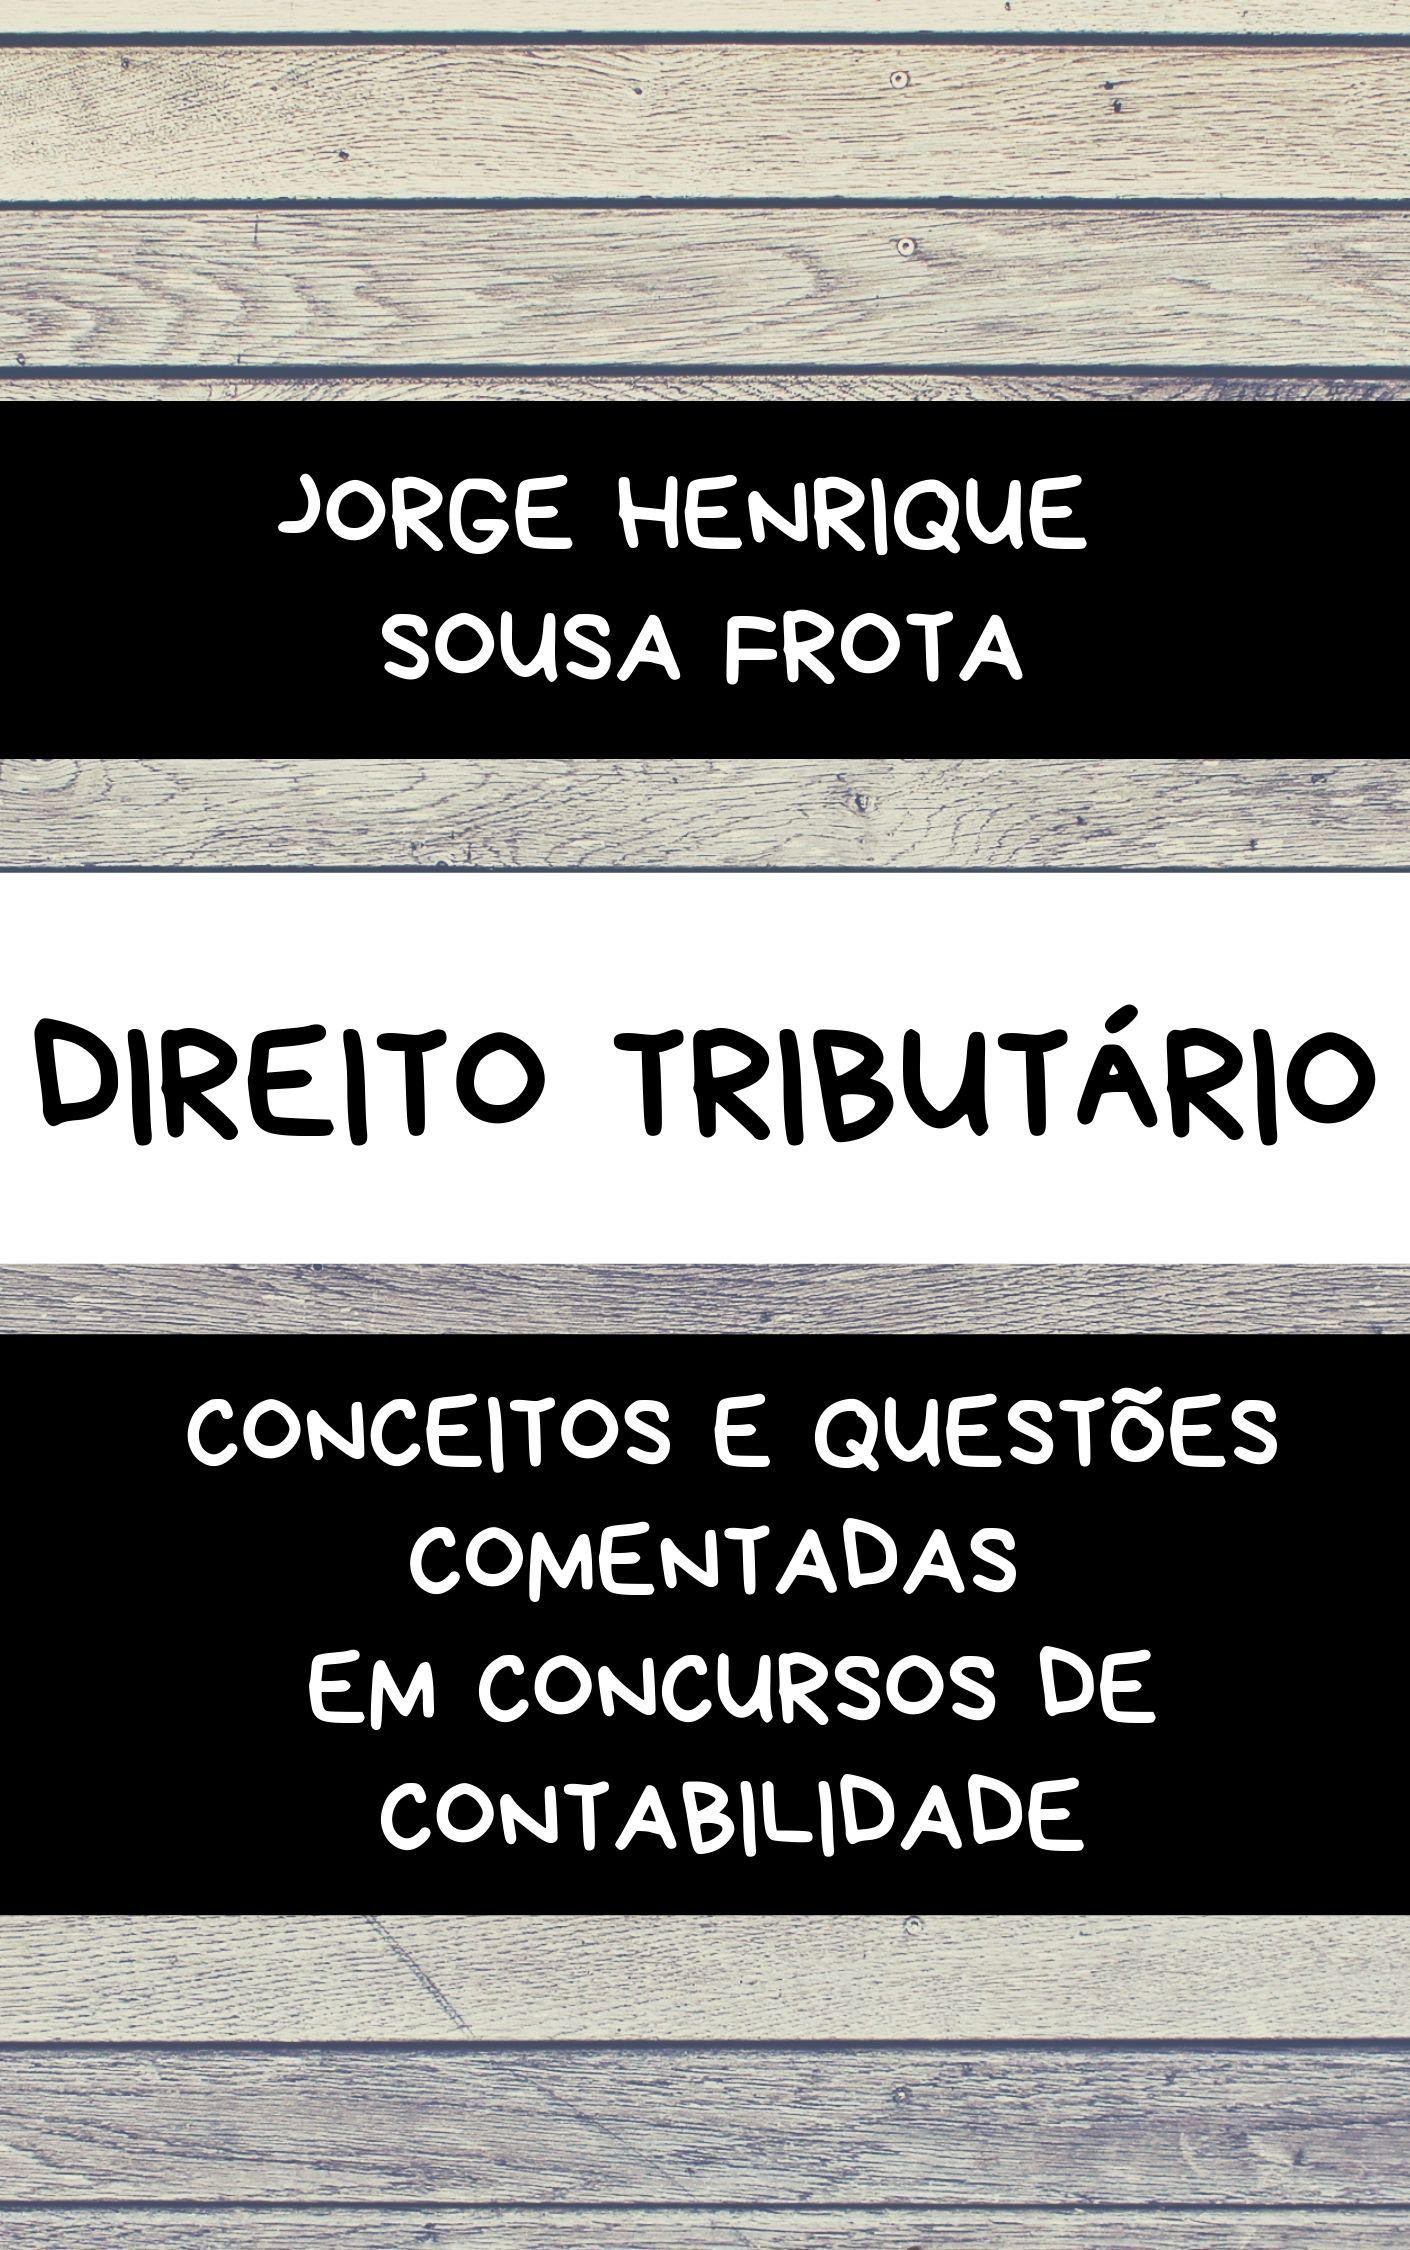 Direito Tributário: Conceitos e questões comentadas em concursos de contabilidade